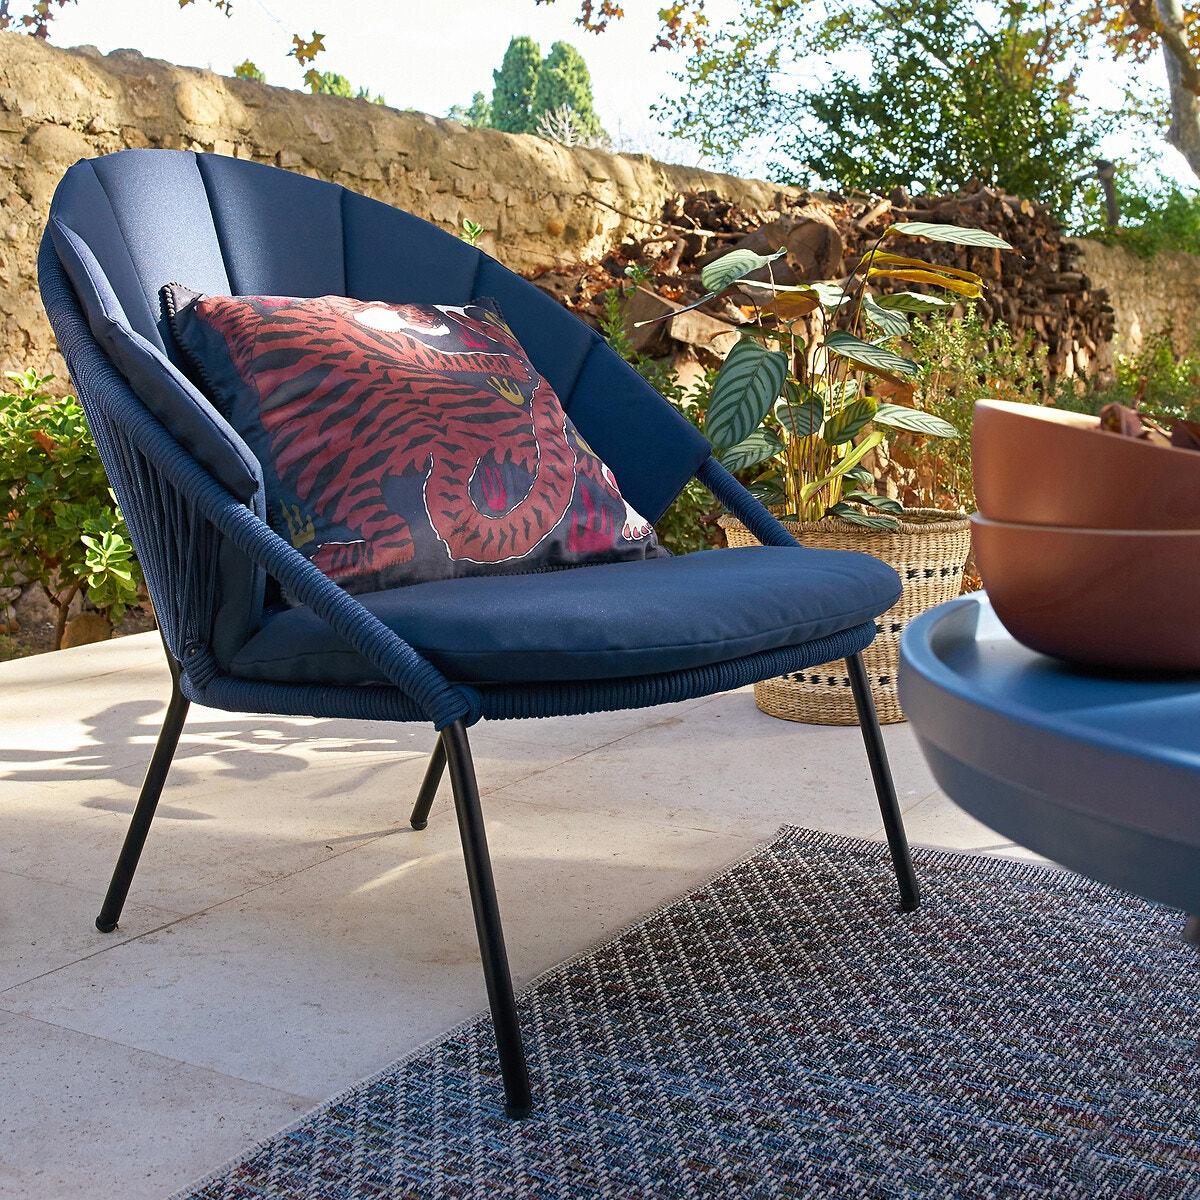 Fauteuil pieds métal coussins bleu assise corde confortable extérieur